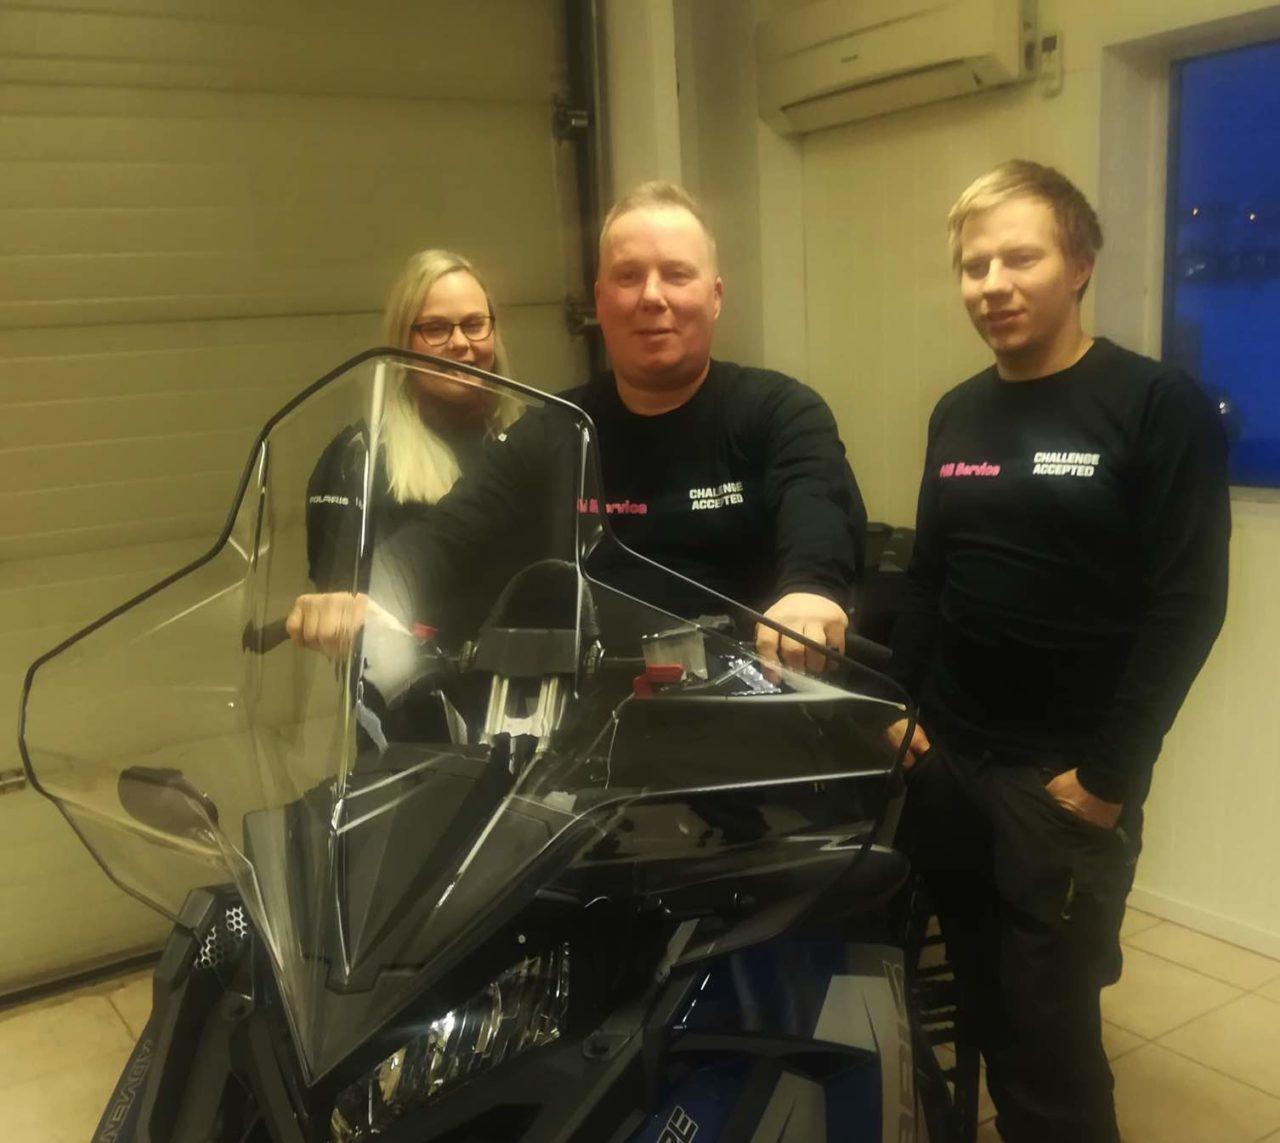 svein-henriksen-polaris-scooter-1280x1143.jpg